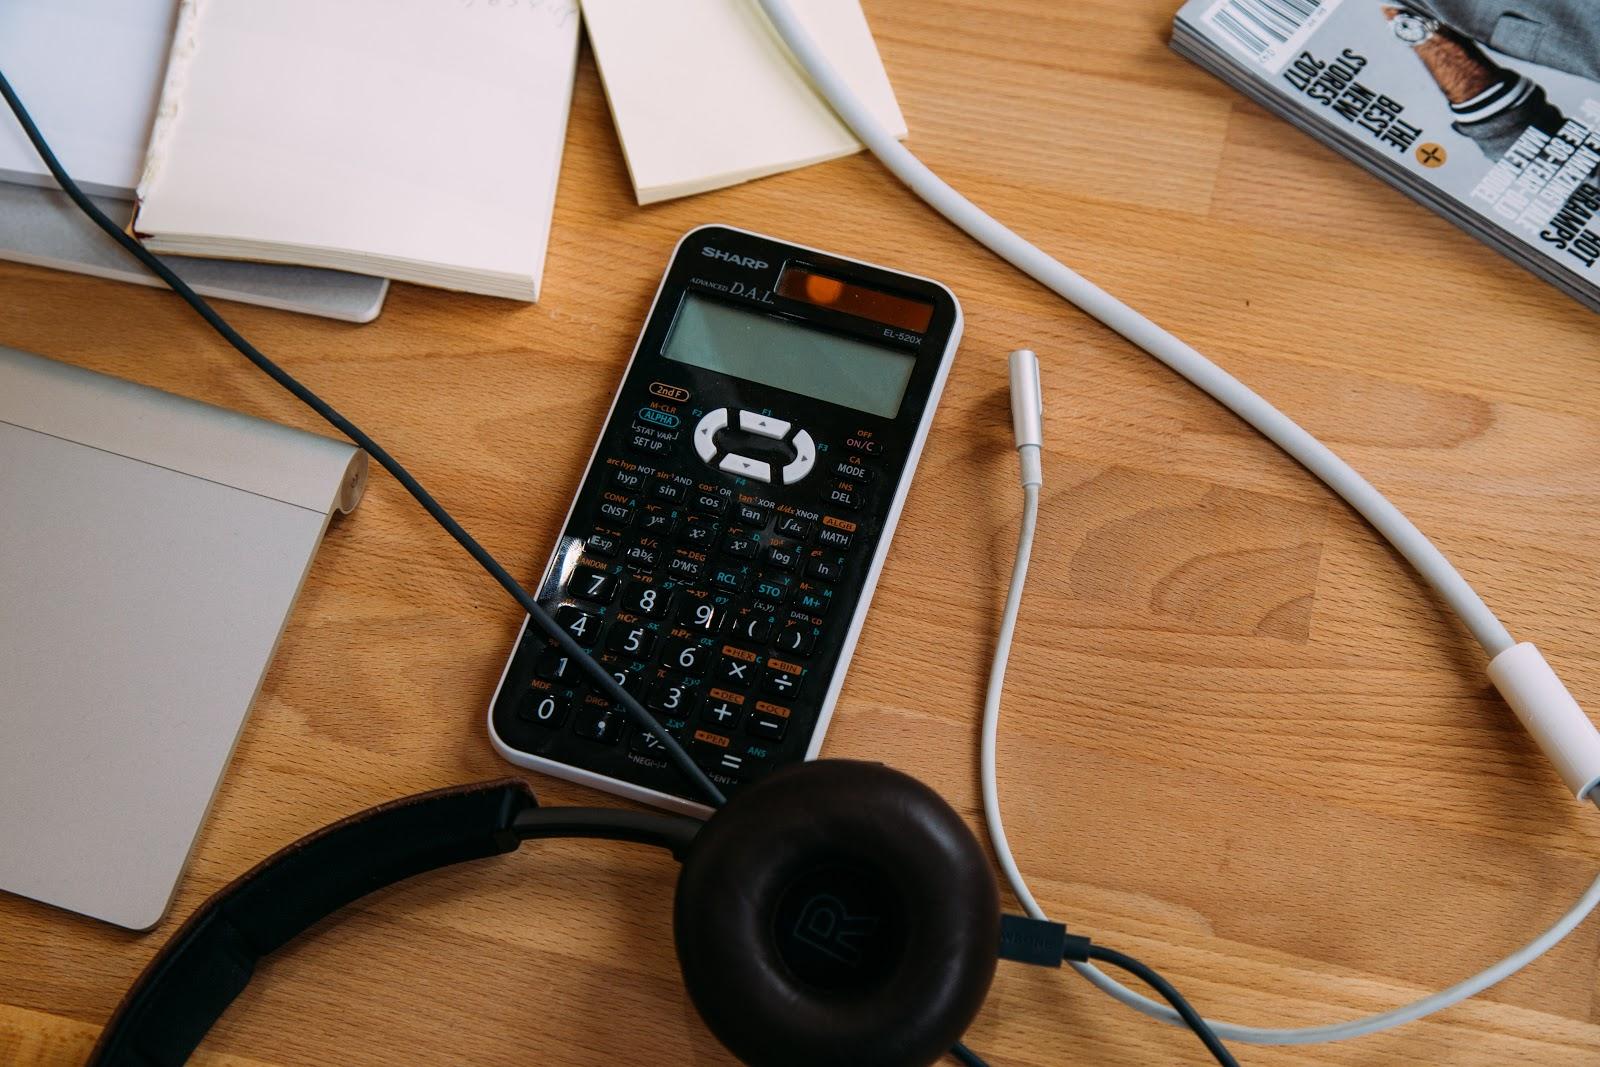 A black scientific calculator on a desk